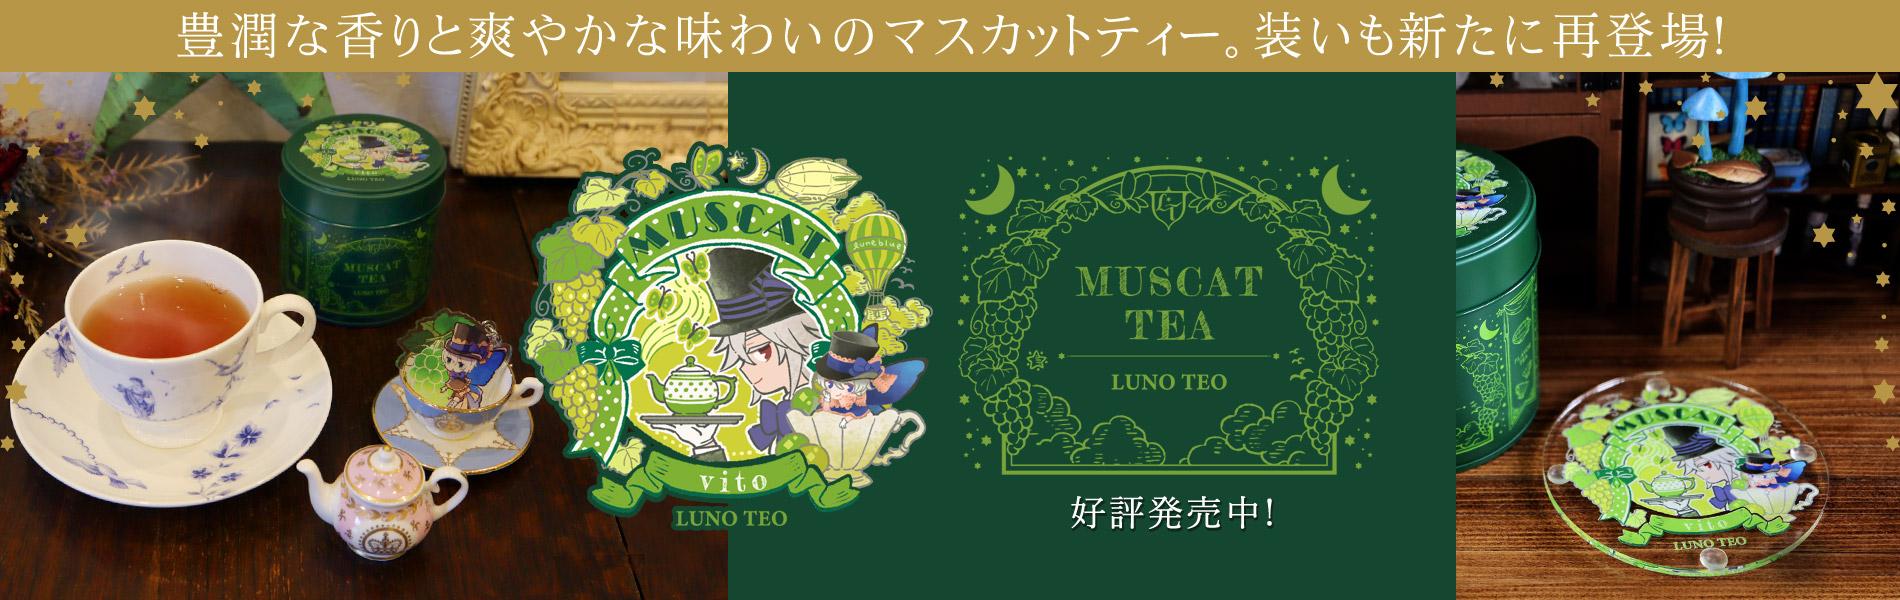 ~ Luno Teo/ルノテオ マスカットティー ~ 豊潤な薫りと爽やかな味わいのマスカットティー。装いも新たに再登場!